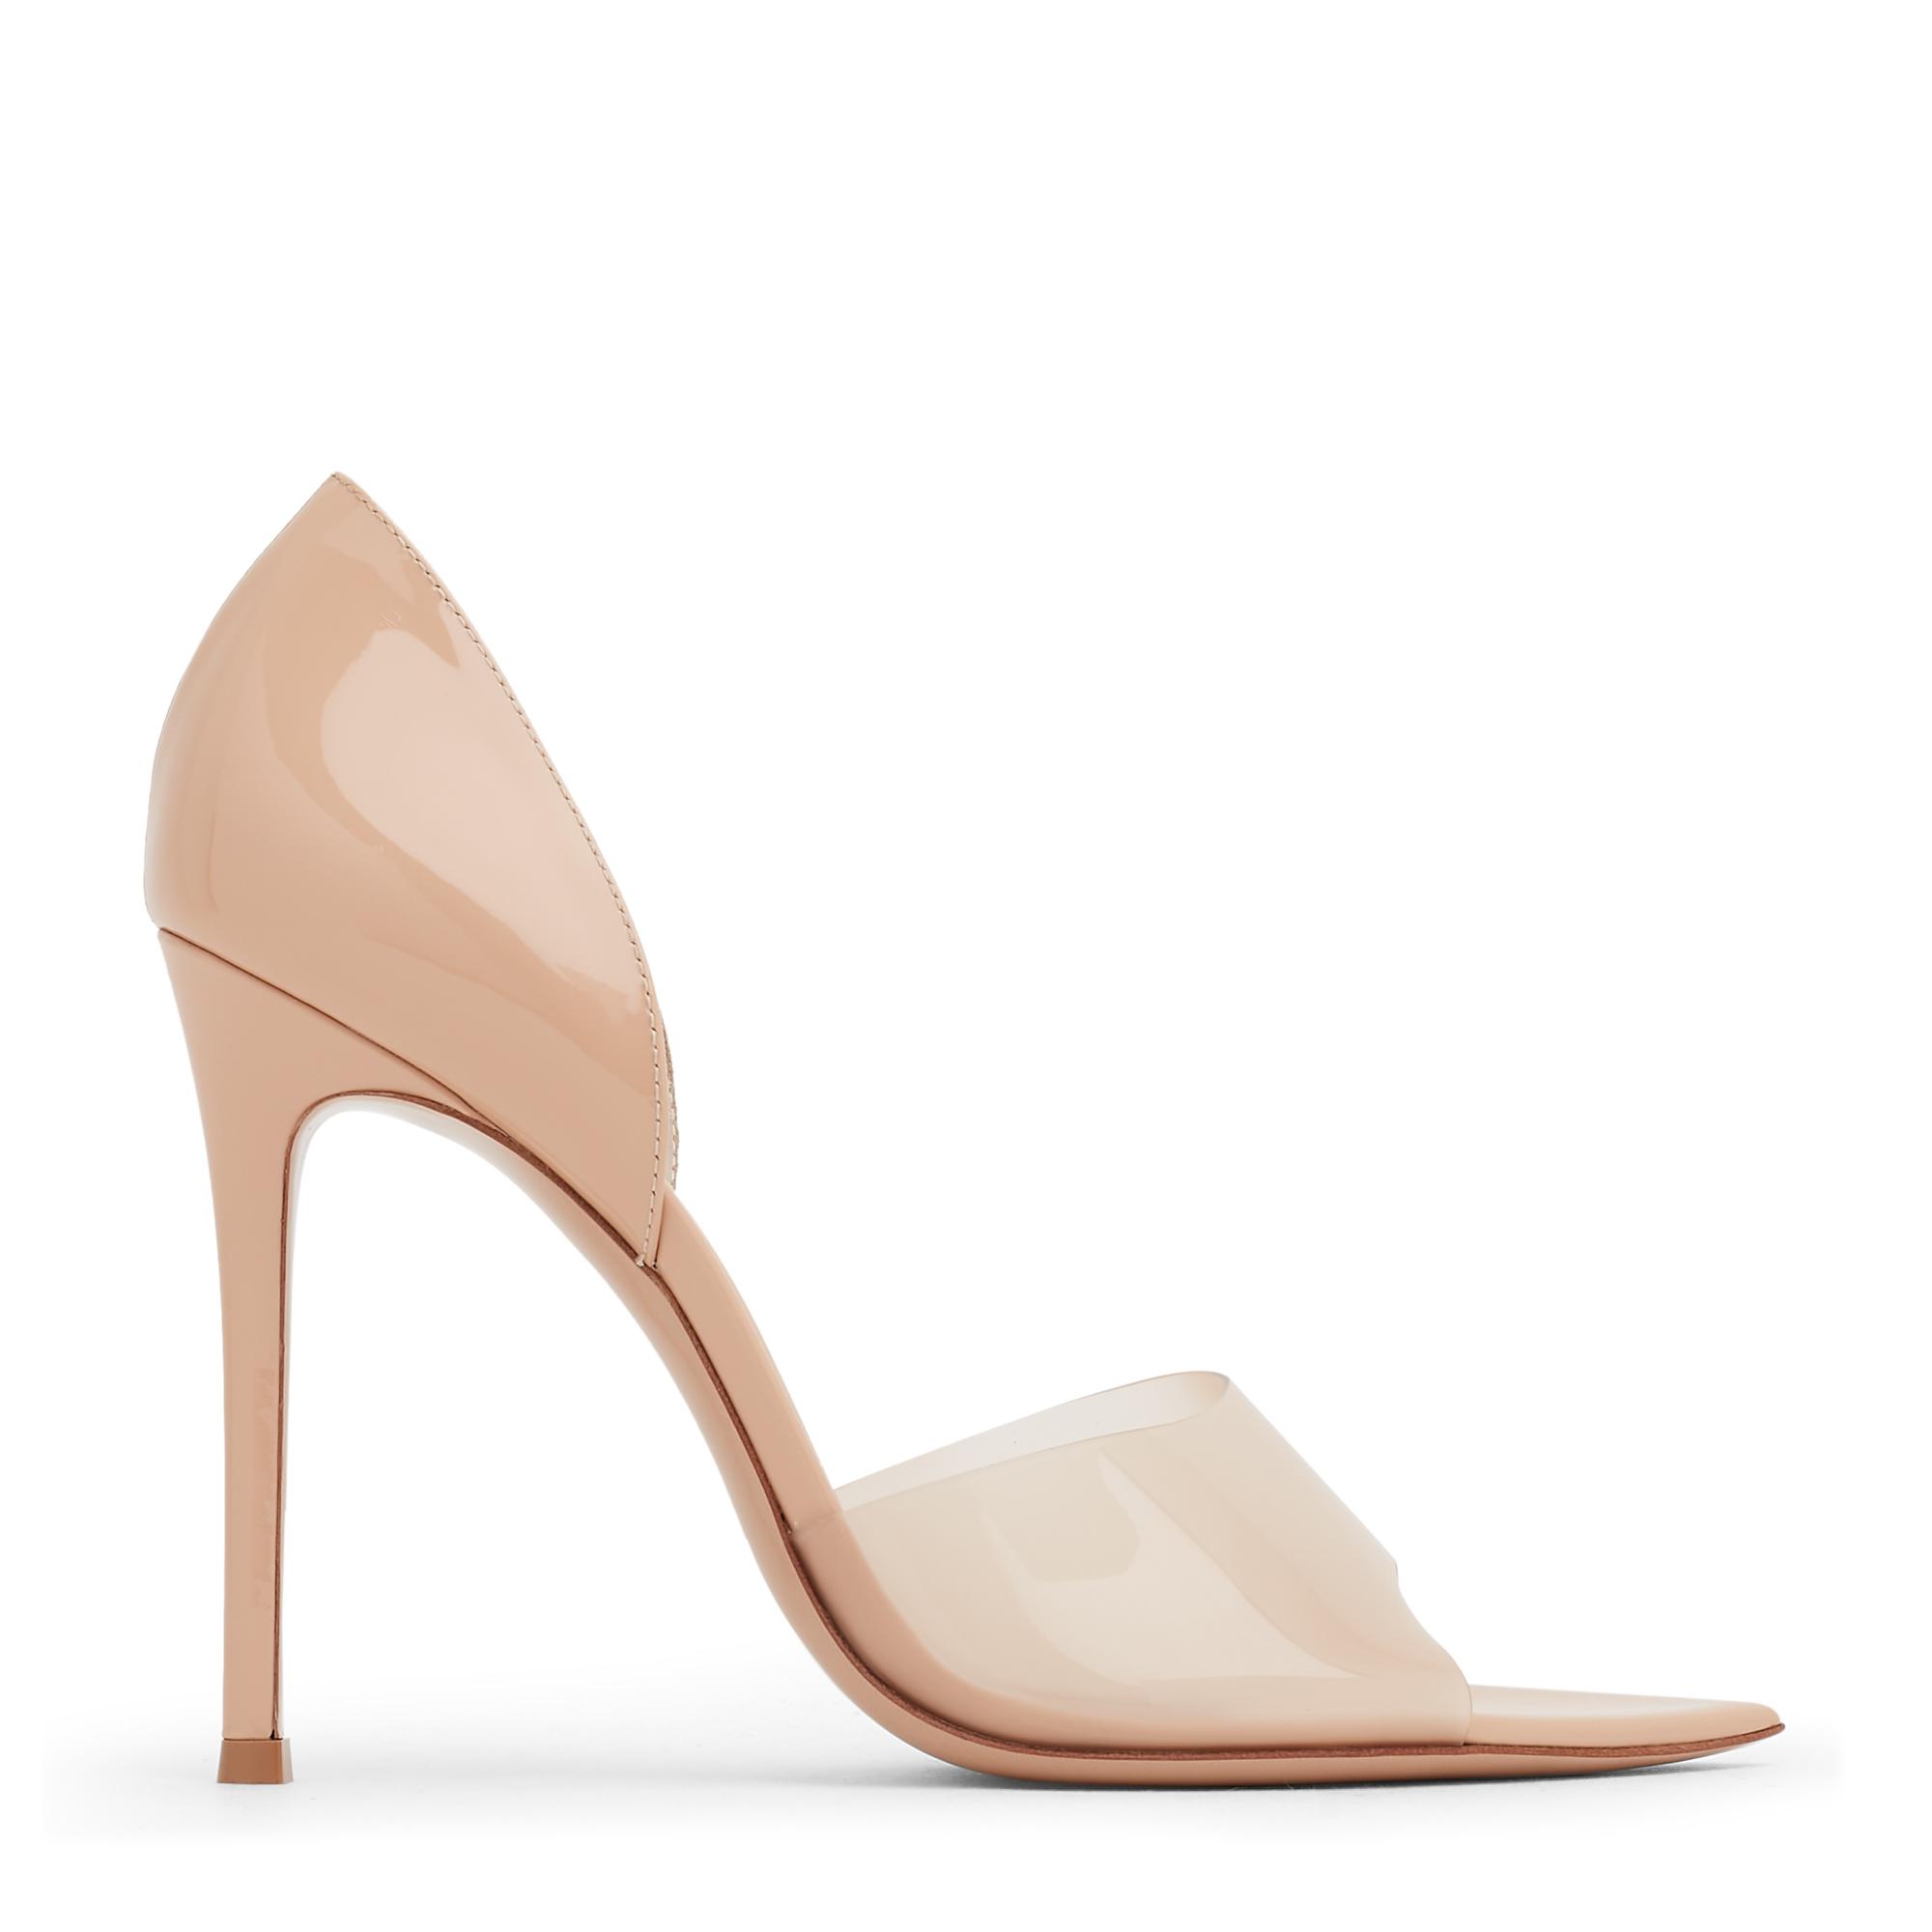 Bree sandals